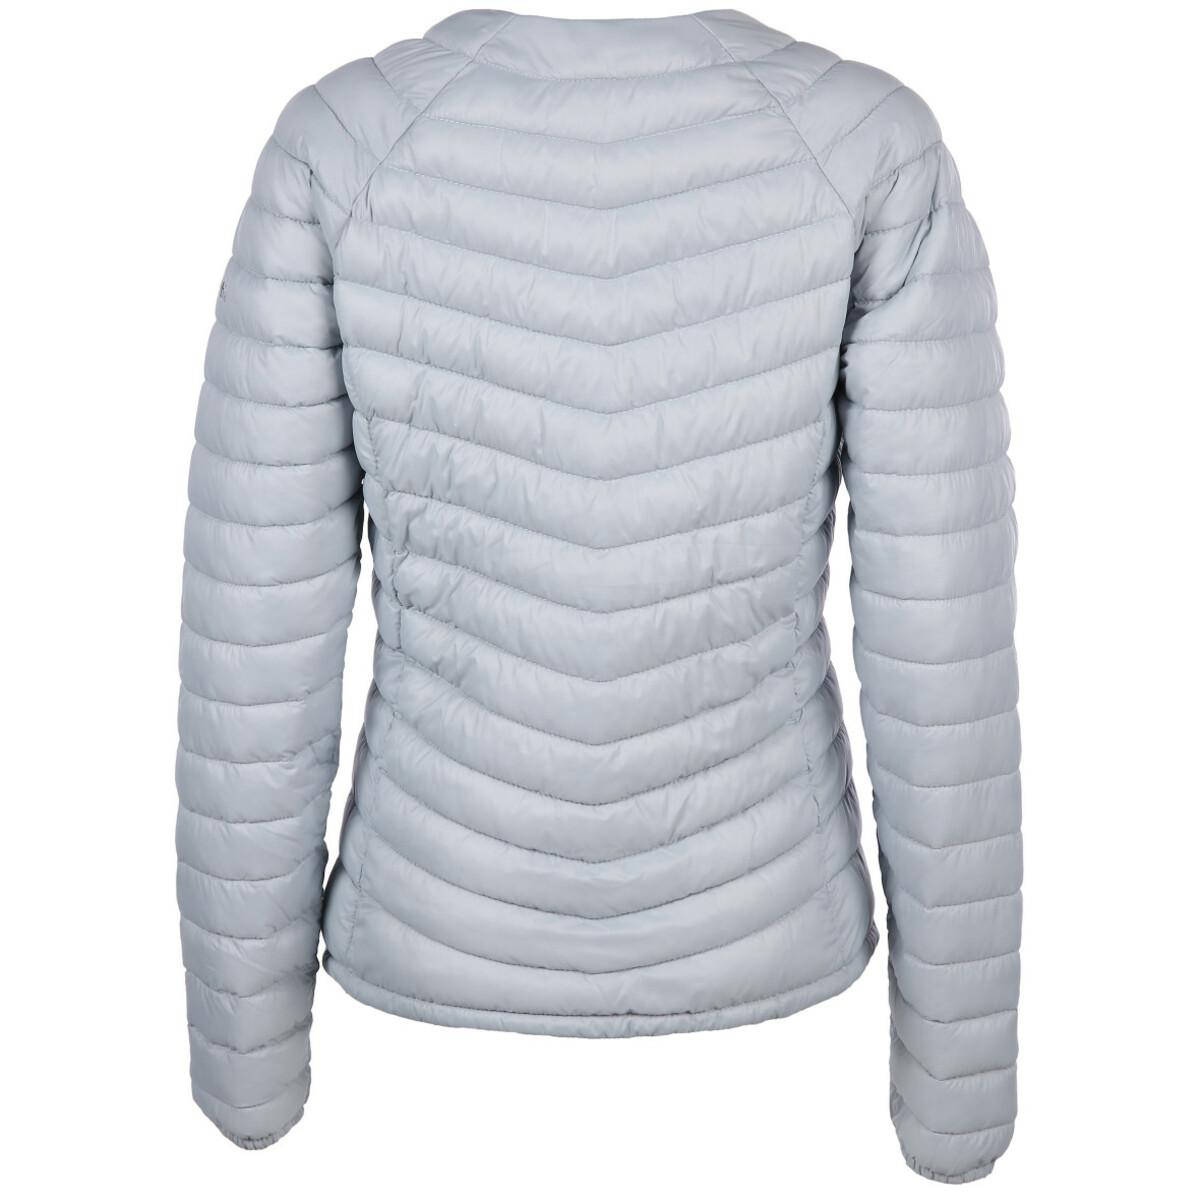 Bild 2 von Damen Pulloverjacke